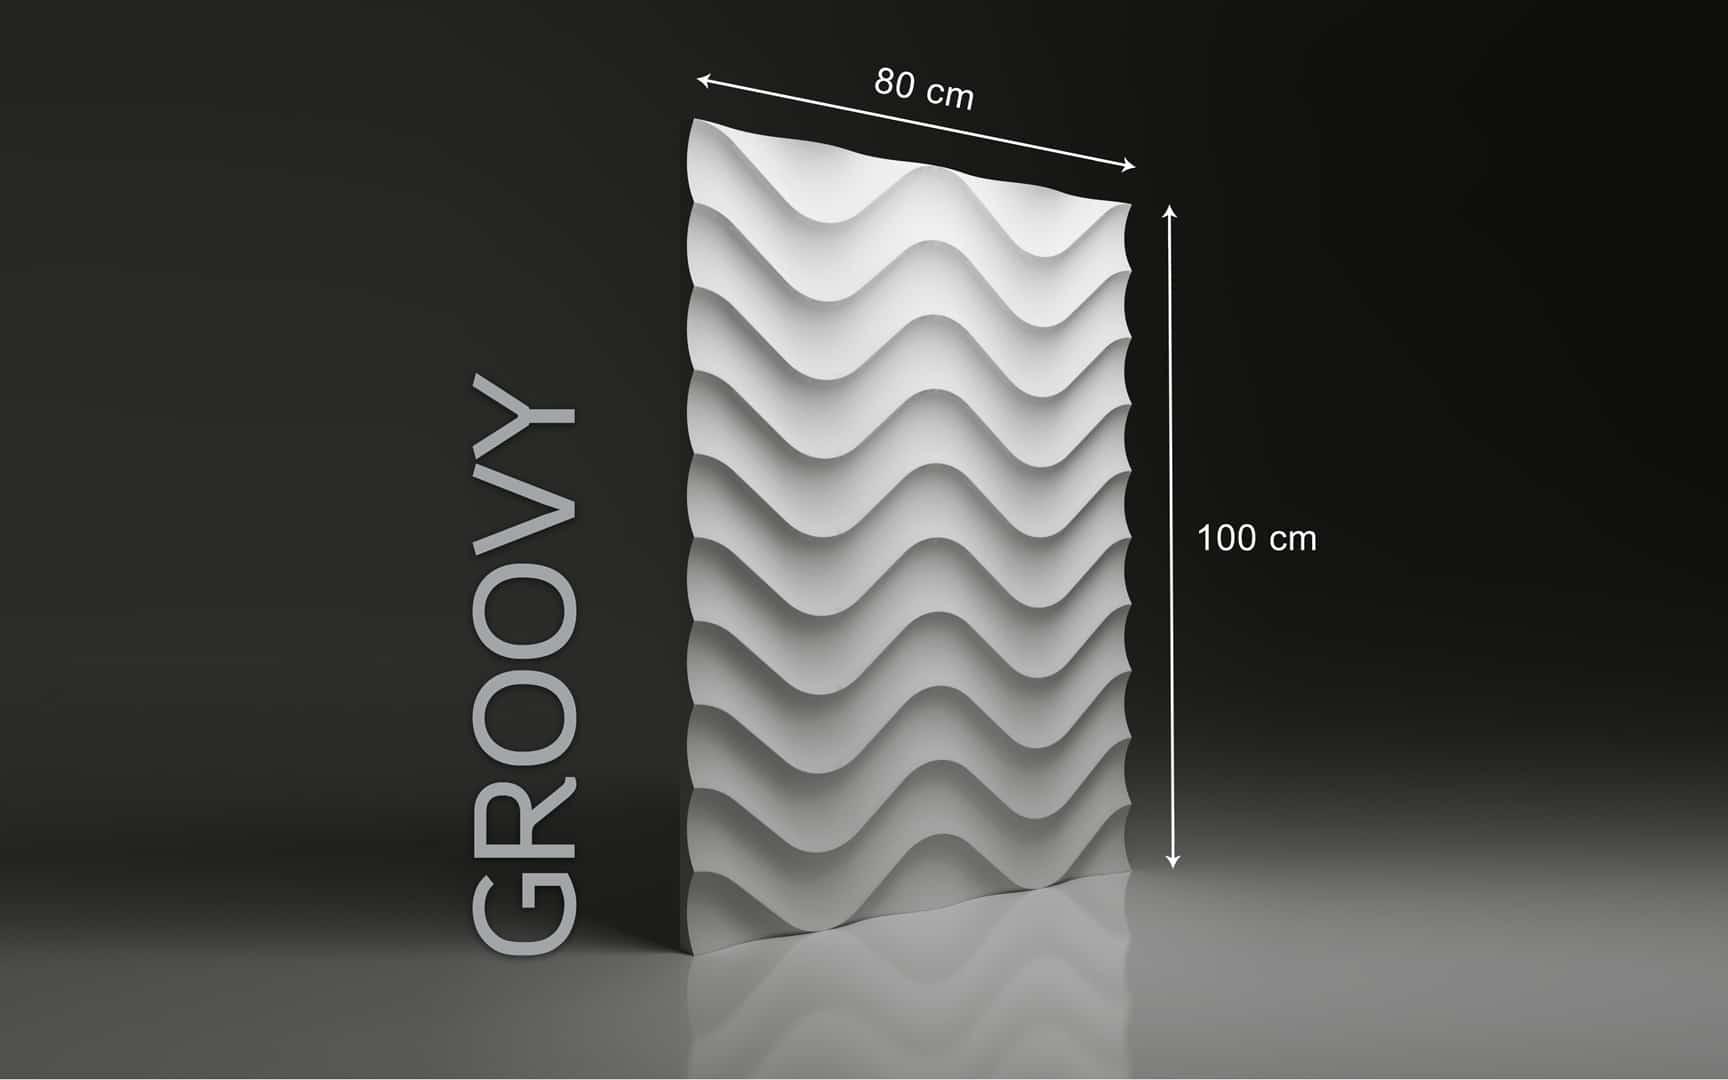 GROOVY DIMENSIONS : hauteur 100 x largeur 80 cm ÉPAISSEUR : de 1,5 cm à 3,0 cm  POIDS : environ 12 kg